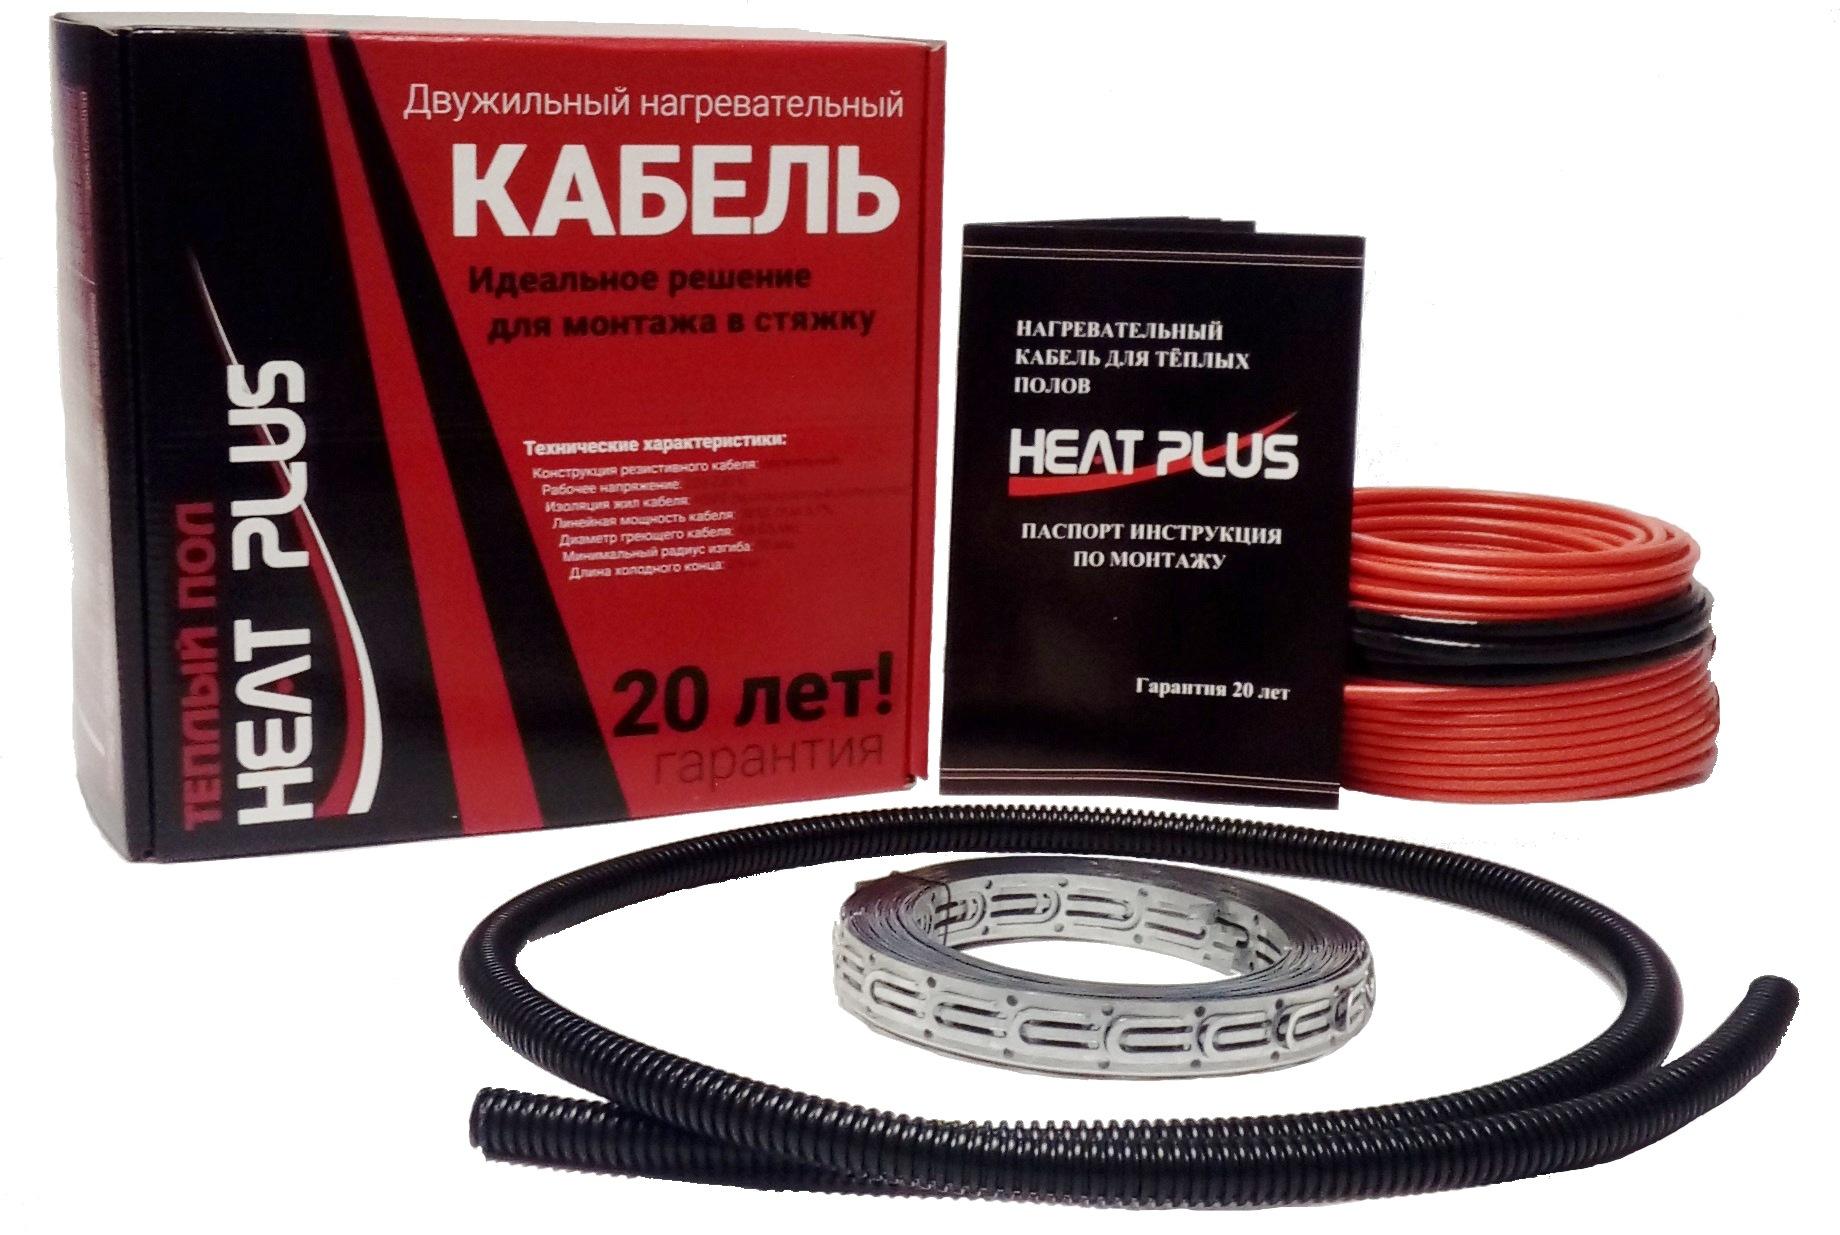 Двужильный нагревательный кабель HeatPlus 300Вт